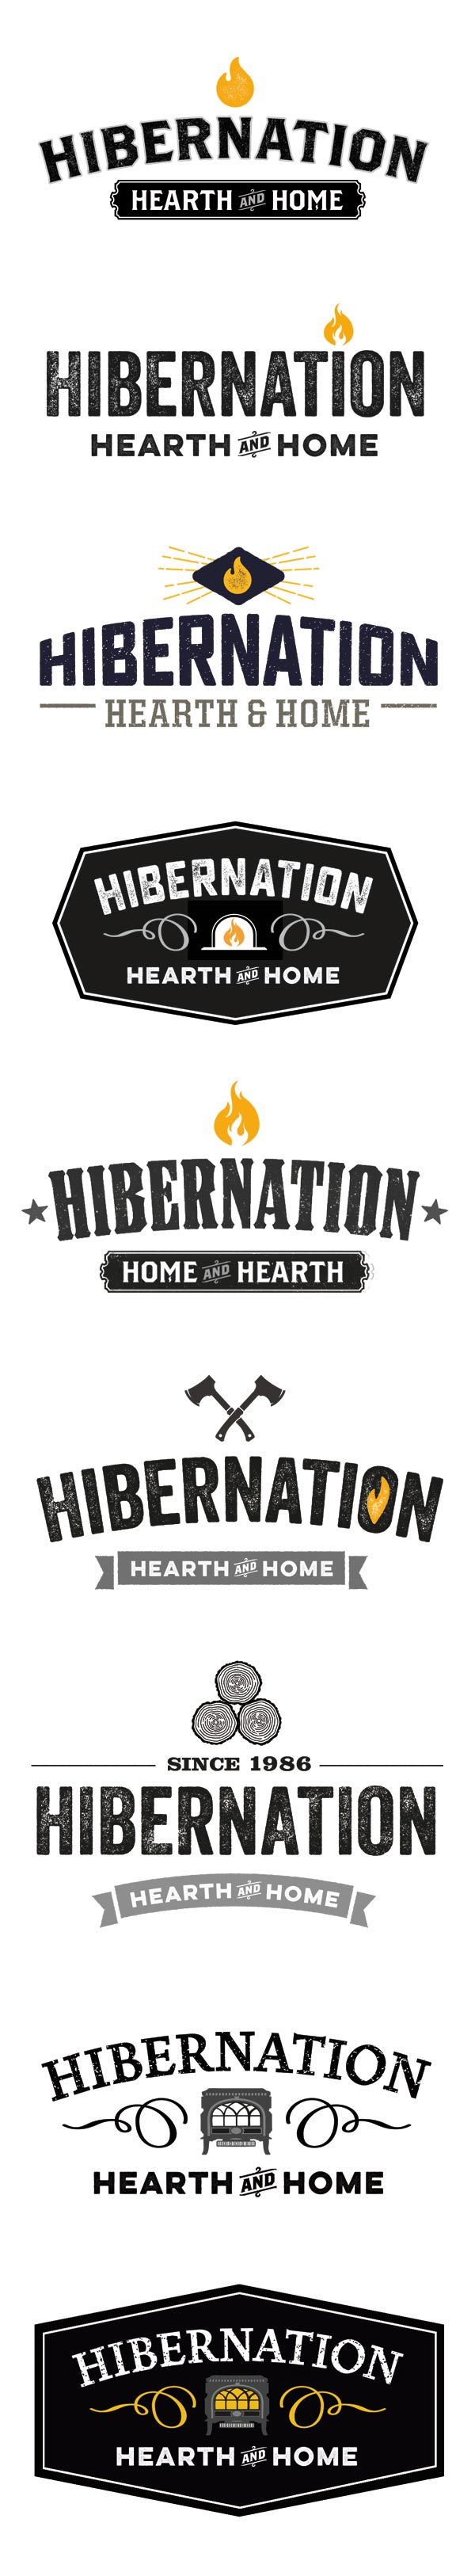 long_logos_hb